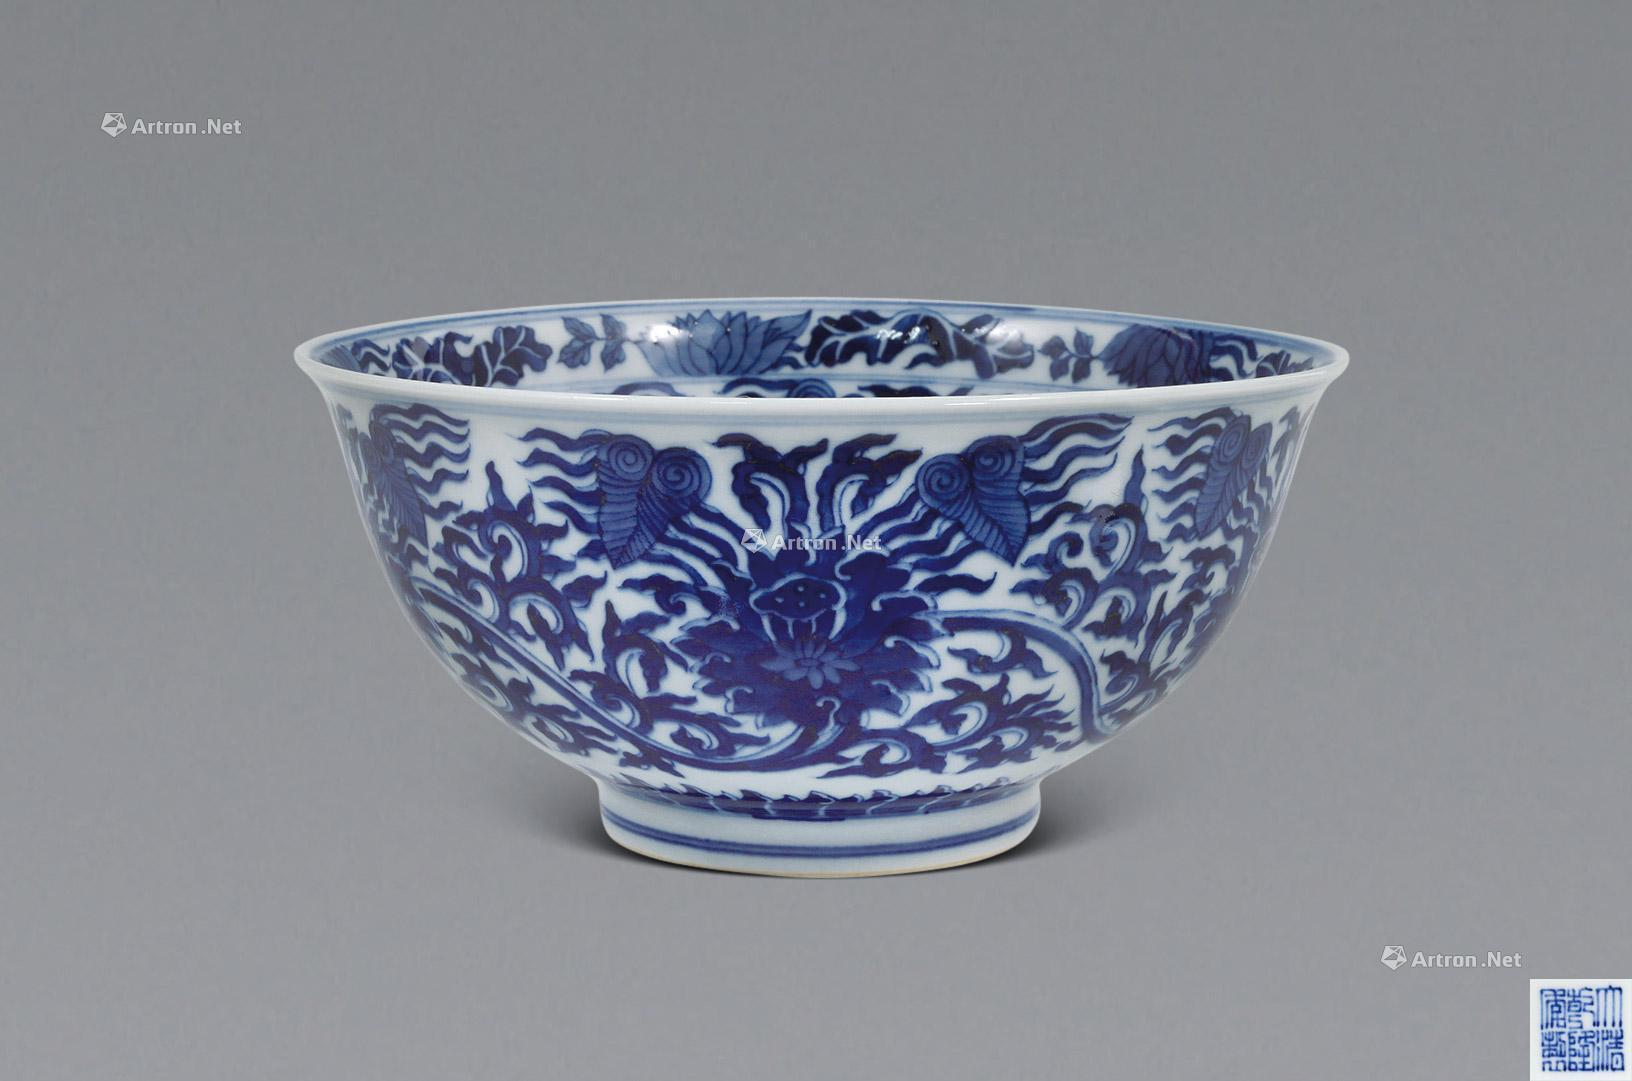 1696 清乾隆 青花缠枝花纹大碗